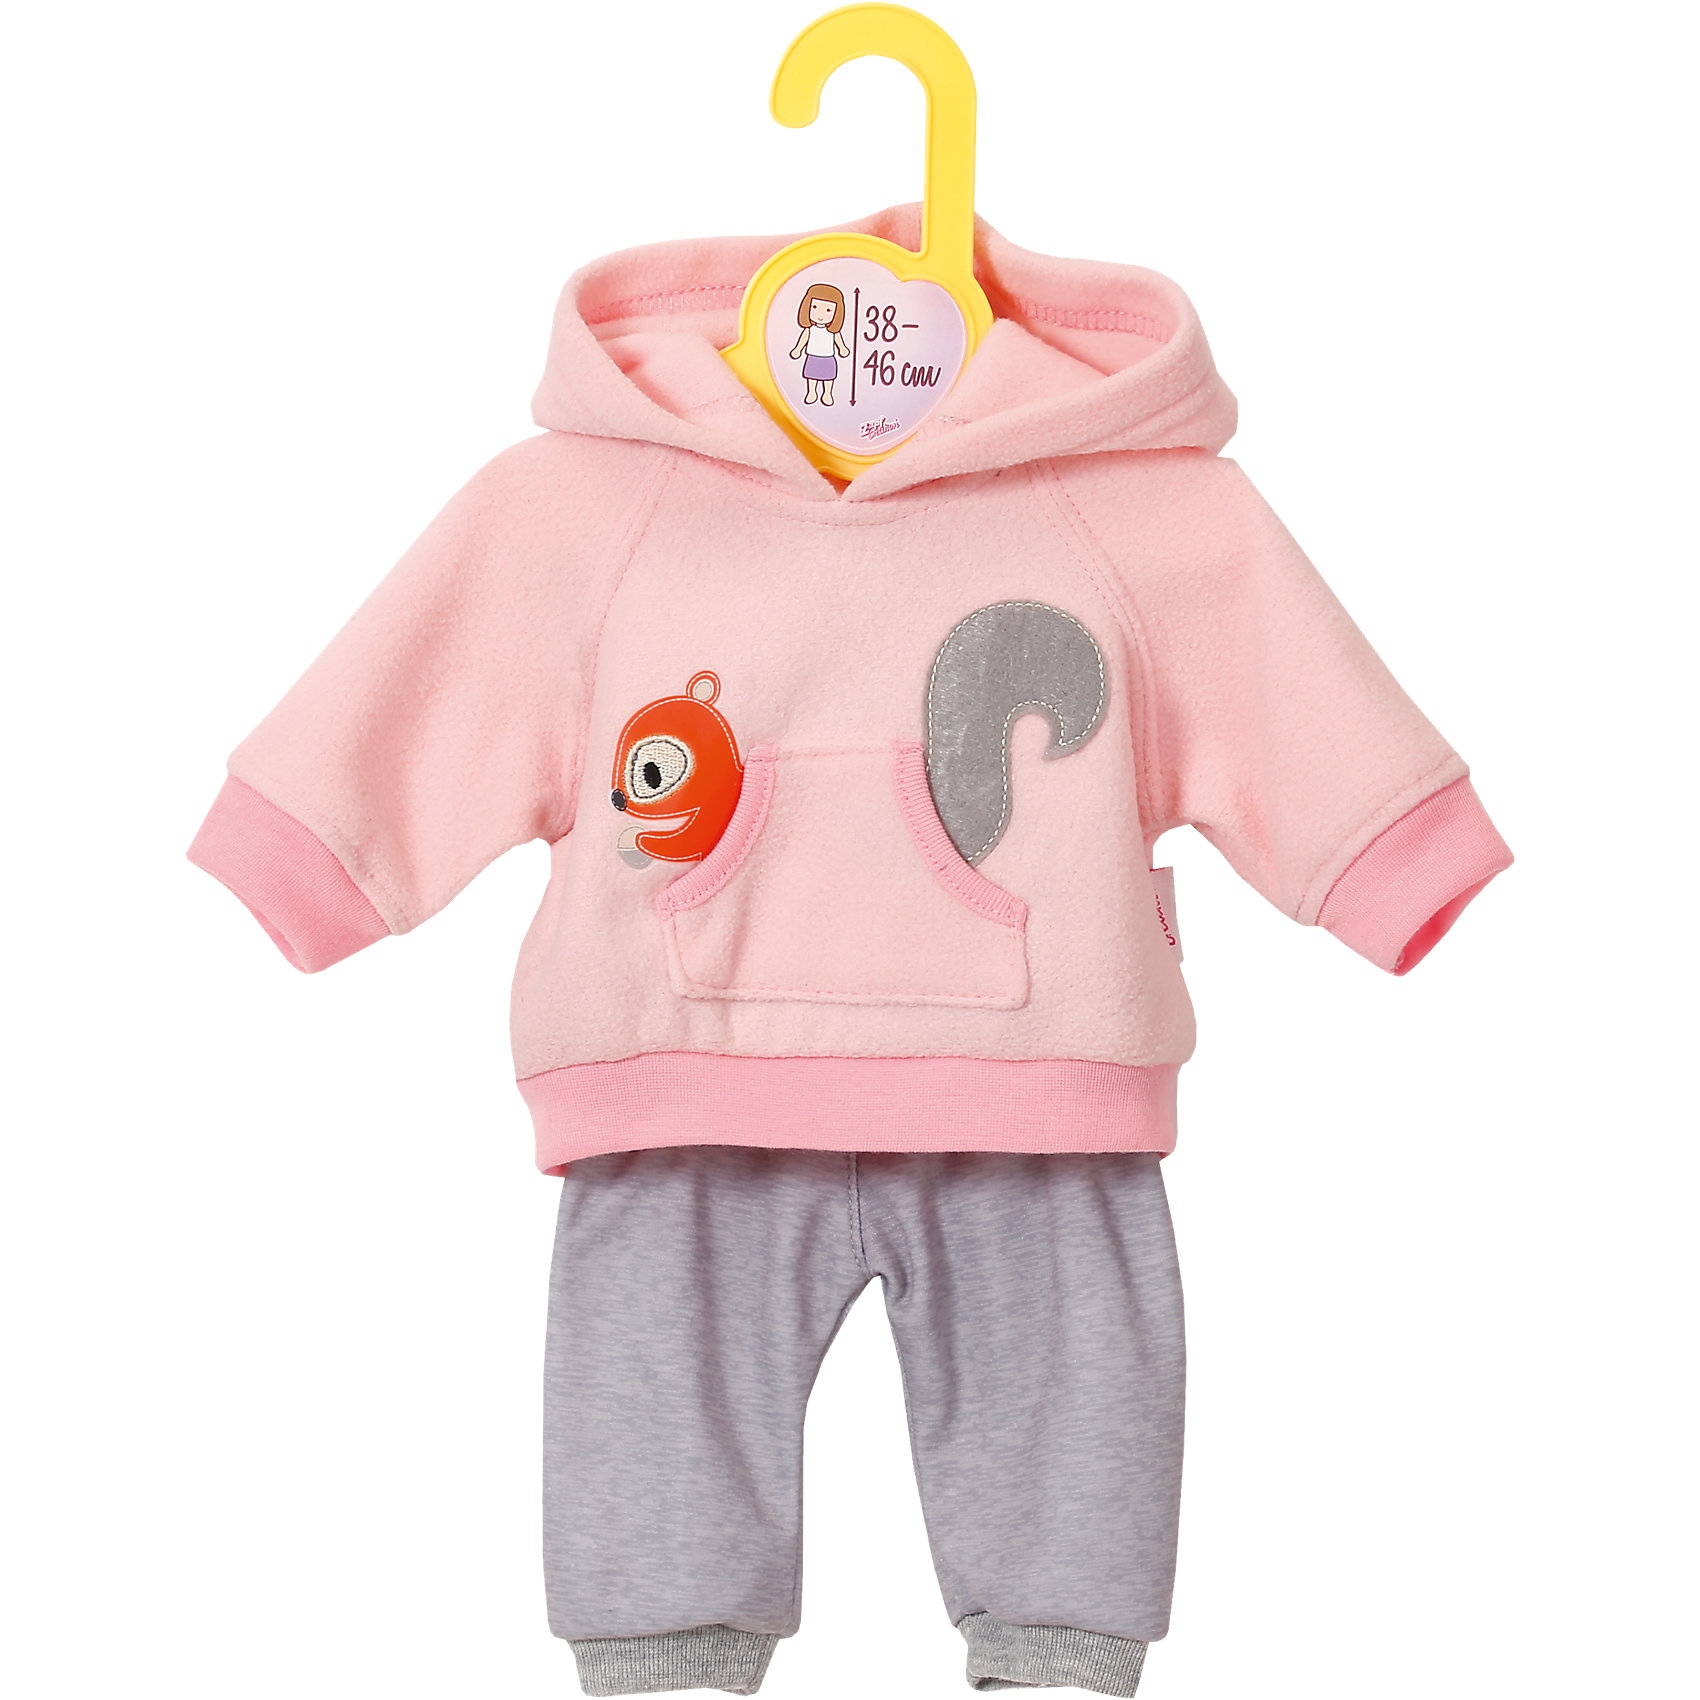 Одежда для кукол высотой 38-46 см, розовая, BABY bornОдежда для кукол высотой 38-46 см, розовая, BABY born – милый костюмчик для маленькой кукольной девочки.<br>Дизайнерский костюм для куклы Бэби Борн высотой 38-46 см нежного розового цвета. Светло-серые штанишки на резинке не слетают с куклы даже при активной игре. Сверху уютная теплая толстовка с большим карманом-кенгуру и капюшоном. Из кармана выглядывает белочка. Наряд можно стирать, не боясь, что он потеряет цвет или качество.<br><br>Дополнительная информация:<br><br>- размер: 354х218х50<br>- вес: 96 г<br>- возраст: 36 месяцев<br><br>Одежду для кукол высотой 38-46 см, розовая, BABY born можно купить в нашем интернет магазине.<br><br>Ширина мм: 404<br>Глубина мм: 253<br>Высота мм: 43<br>Вес г: 113<br>Возраст от месяцев: 36<br>Возраст до месяцев: 60<br>Пол: Женский<br>Возраст: Детский<br>SKU: 4672396